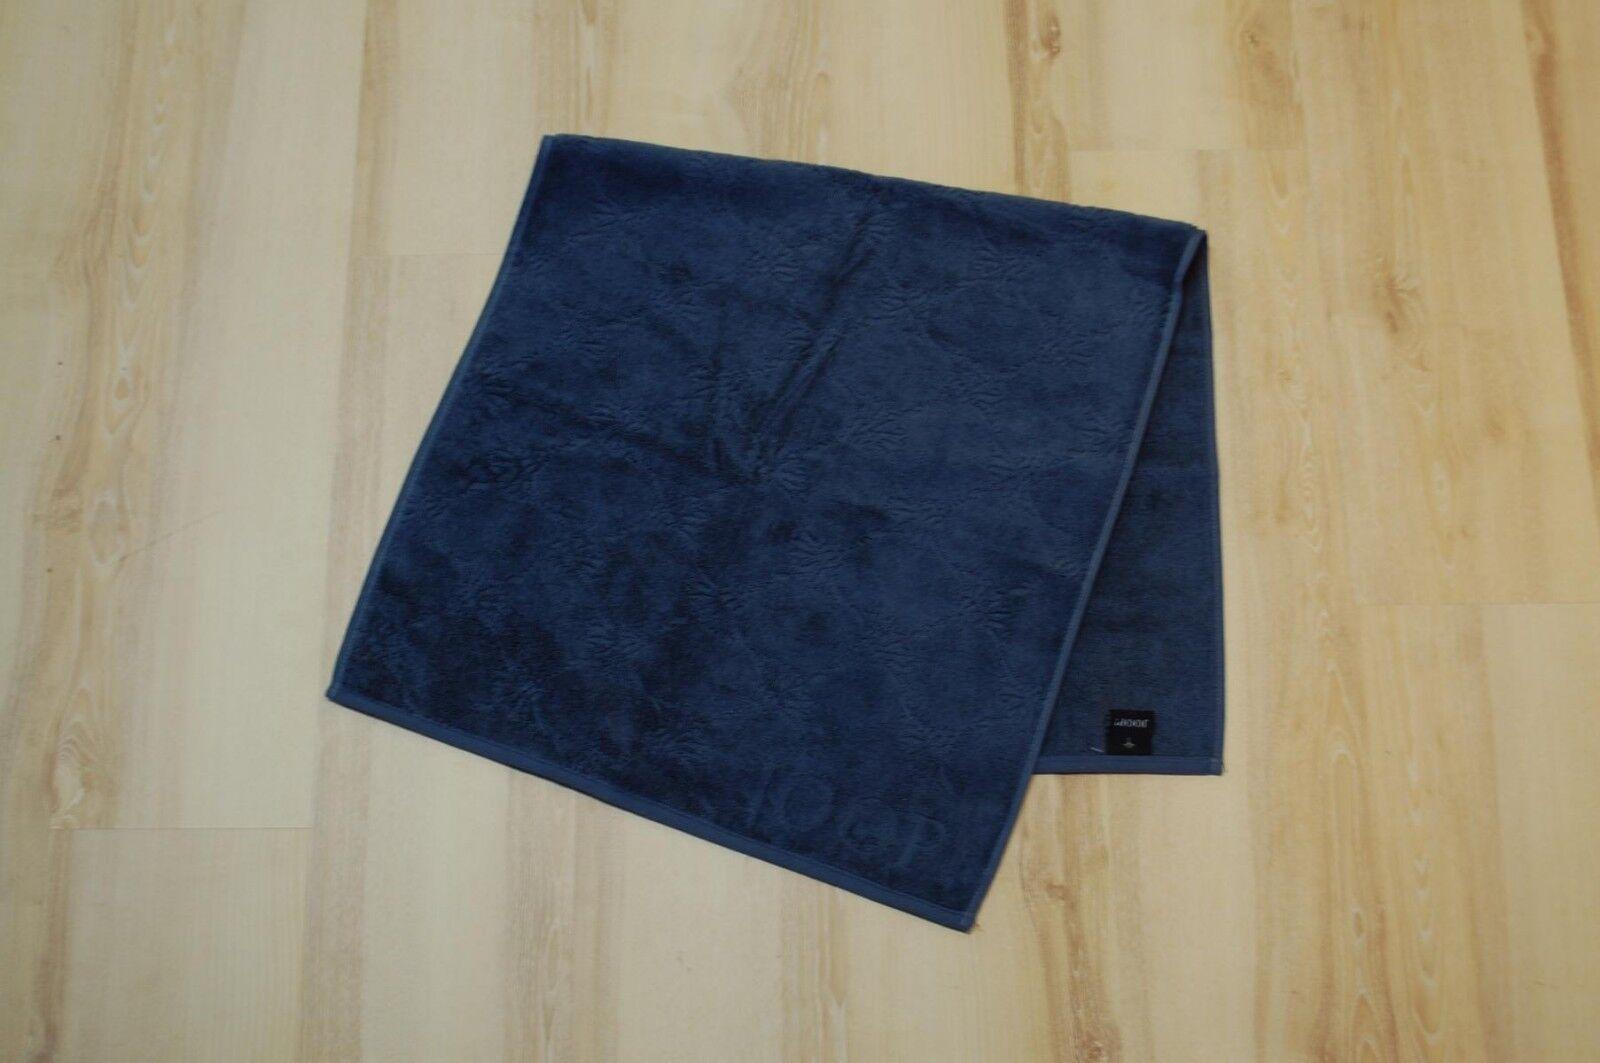 Joop  Serviette de Toilette Douche 1670 Uni-Cornflower 111 Bleu Marine 80x150cm